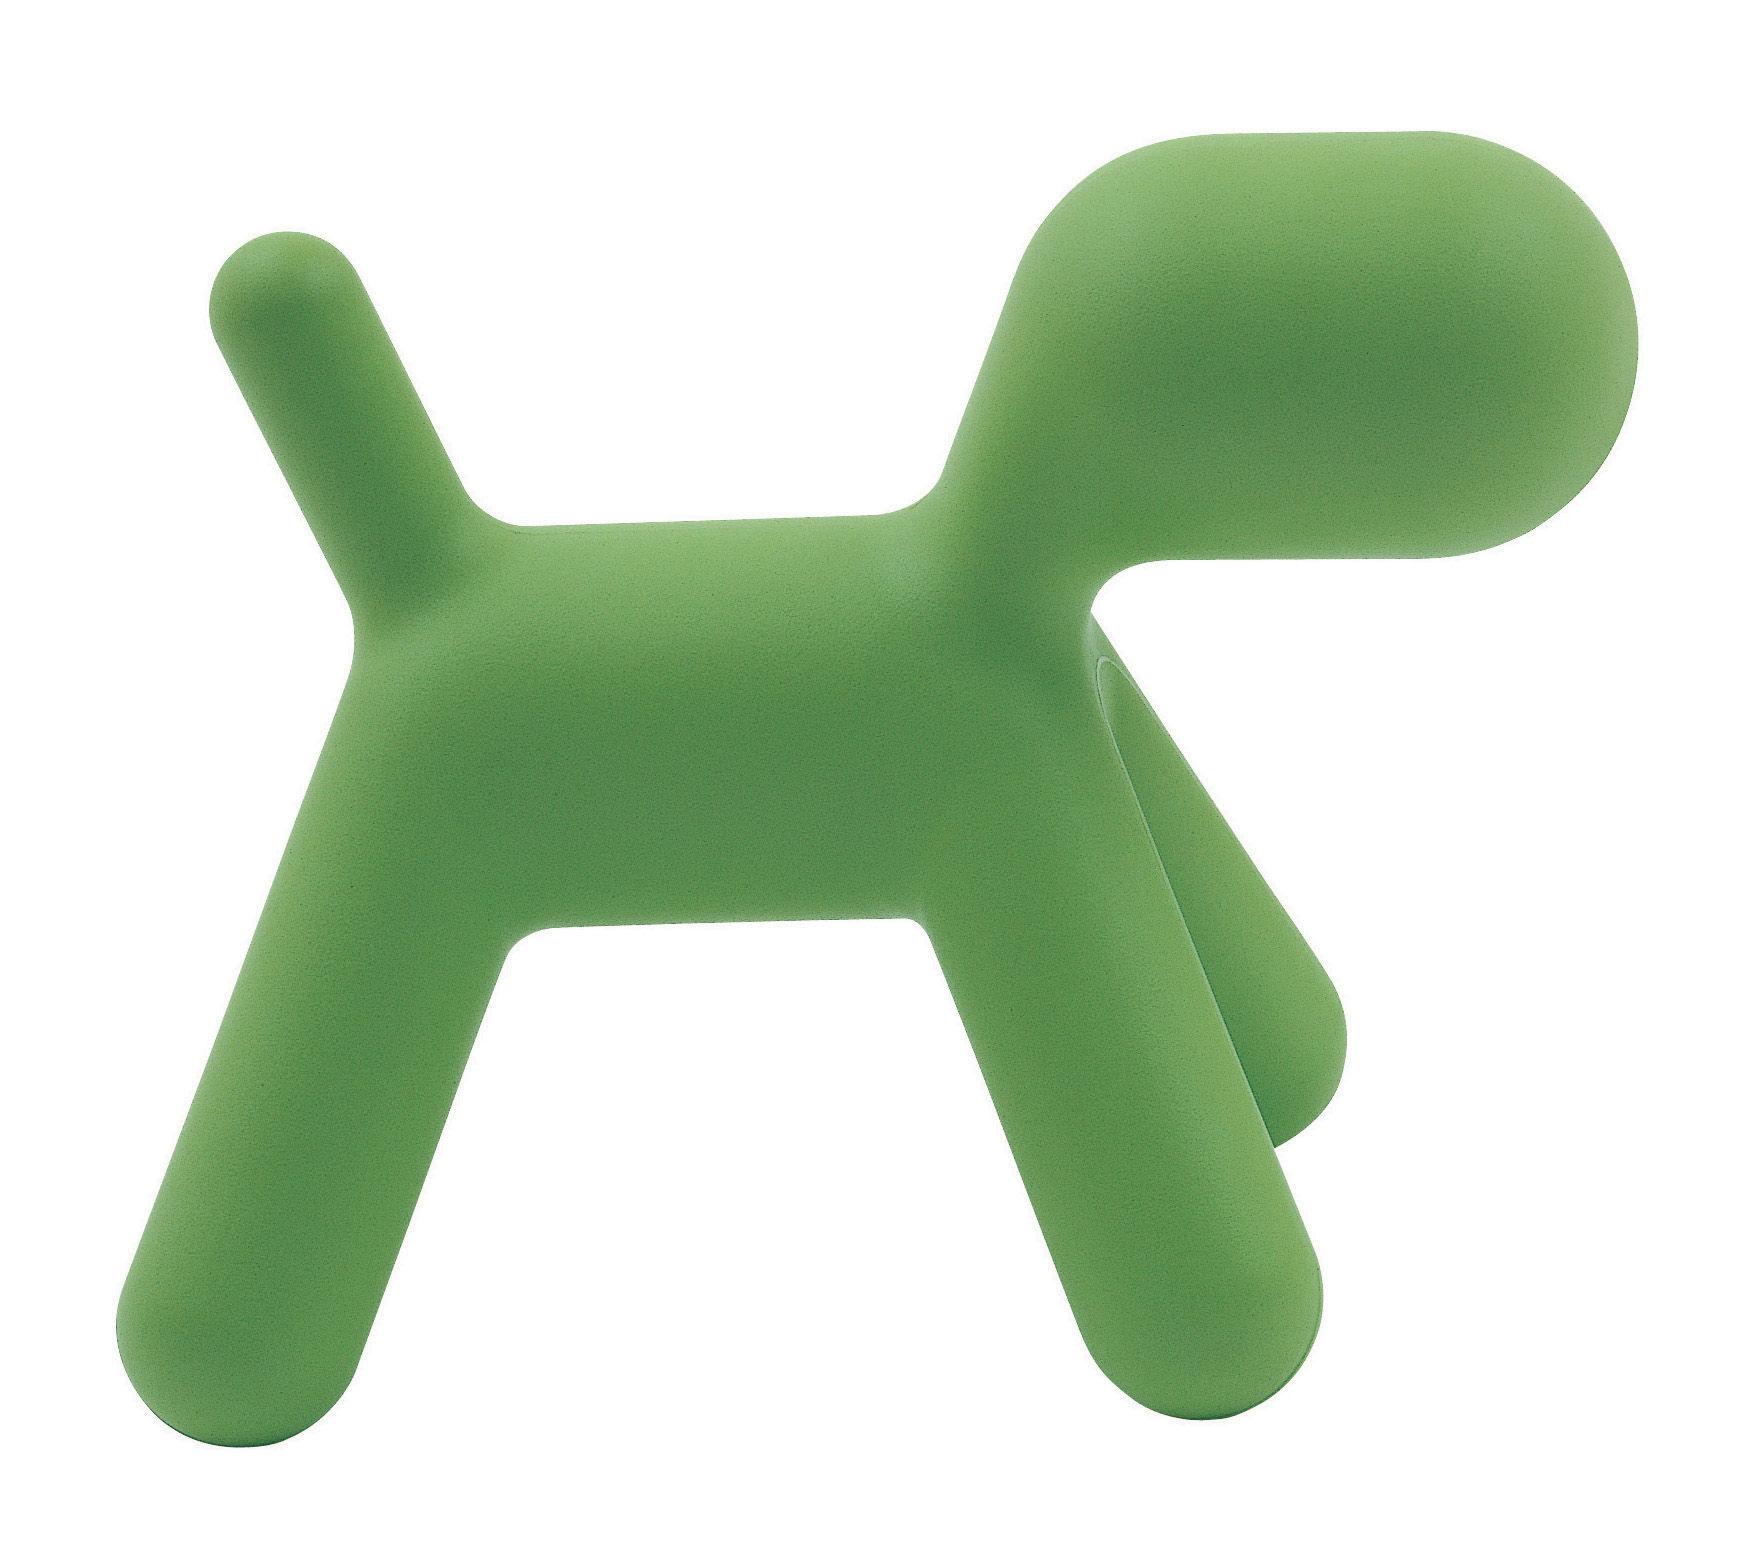 Arredamento - Mobili per bambini - Sedia per bambino Puppy Small di Magis Collection Me Too - Verde Modello piccolo - Polietilene rotostampato